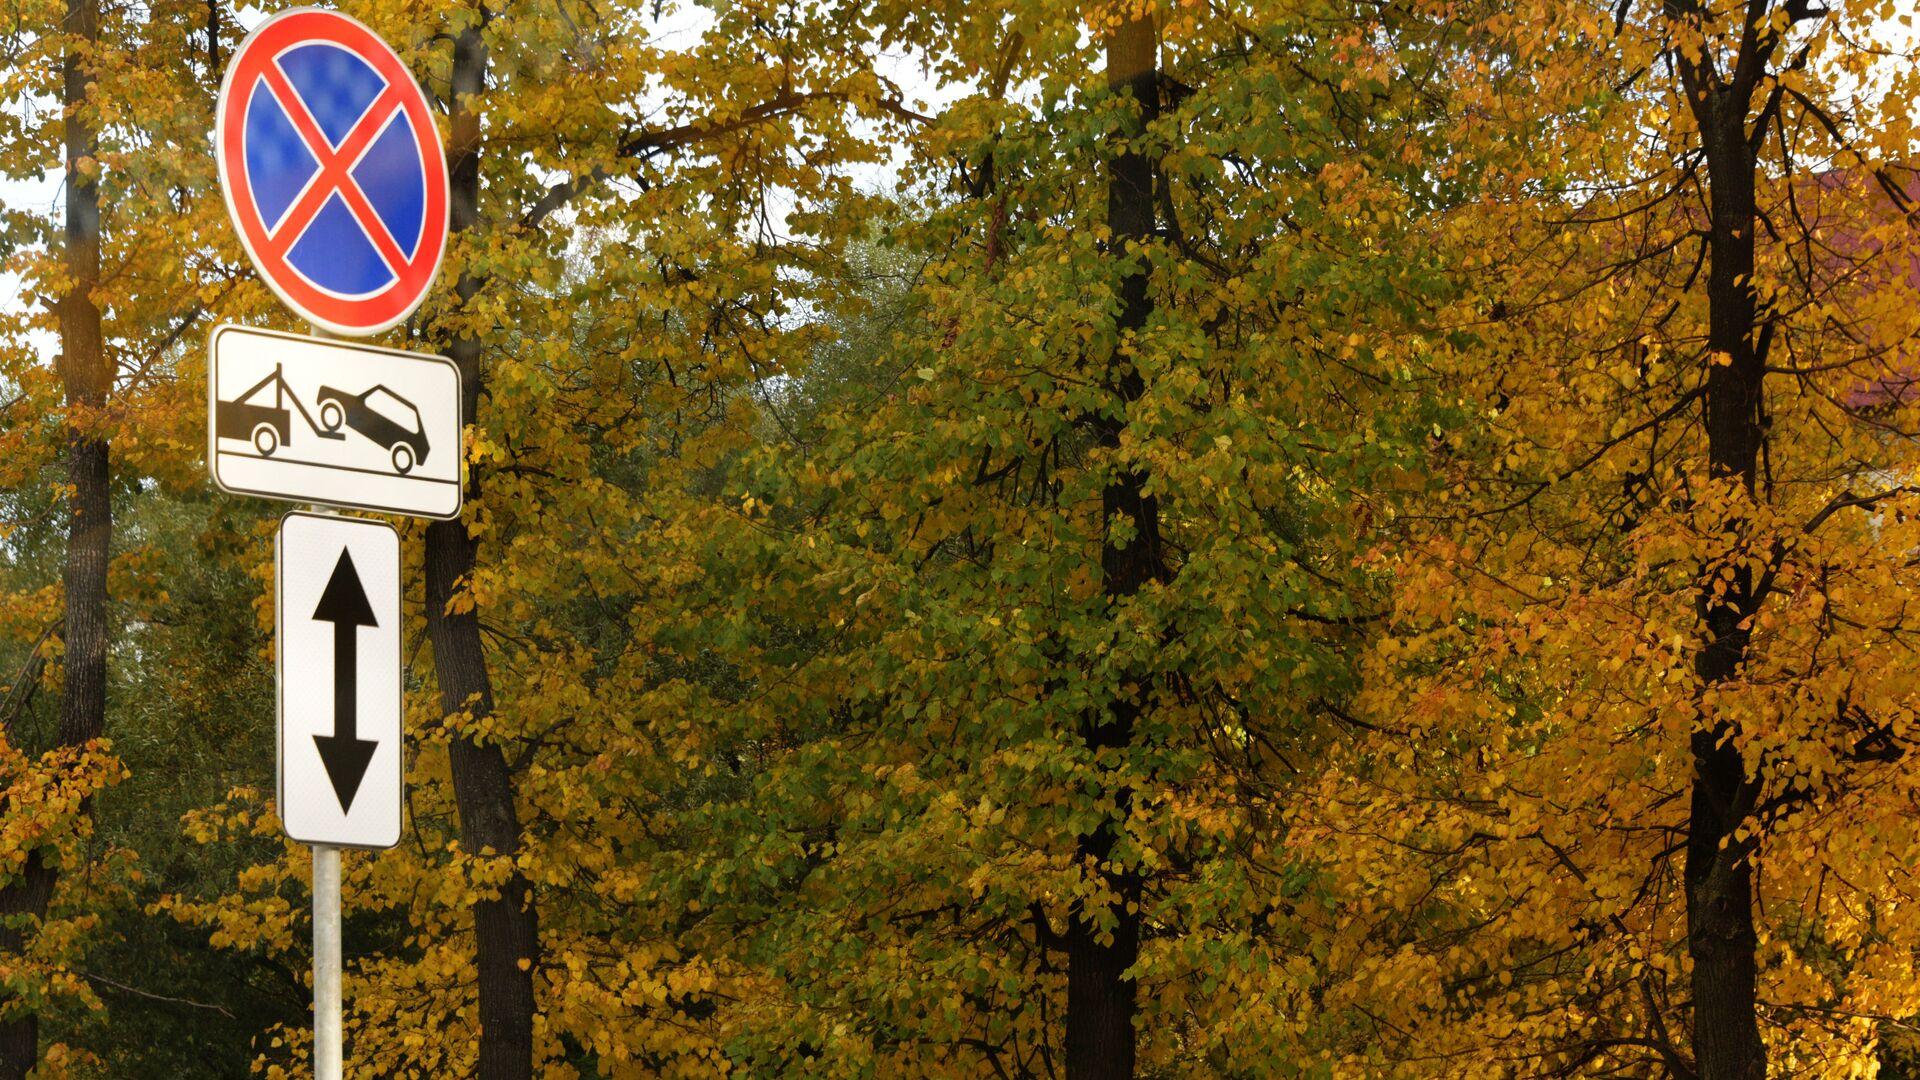 Дорожный знак Остановка запрещена - Sputnik Ўзбекистон, 1920, 06.09.2021